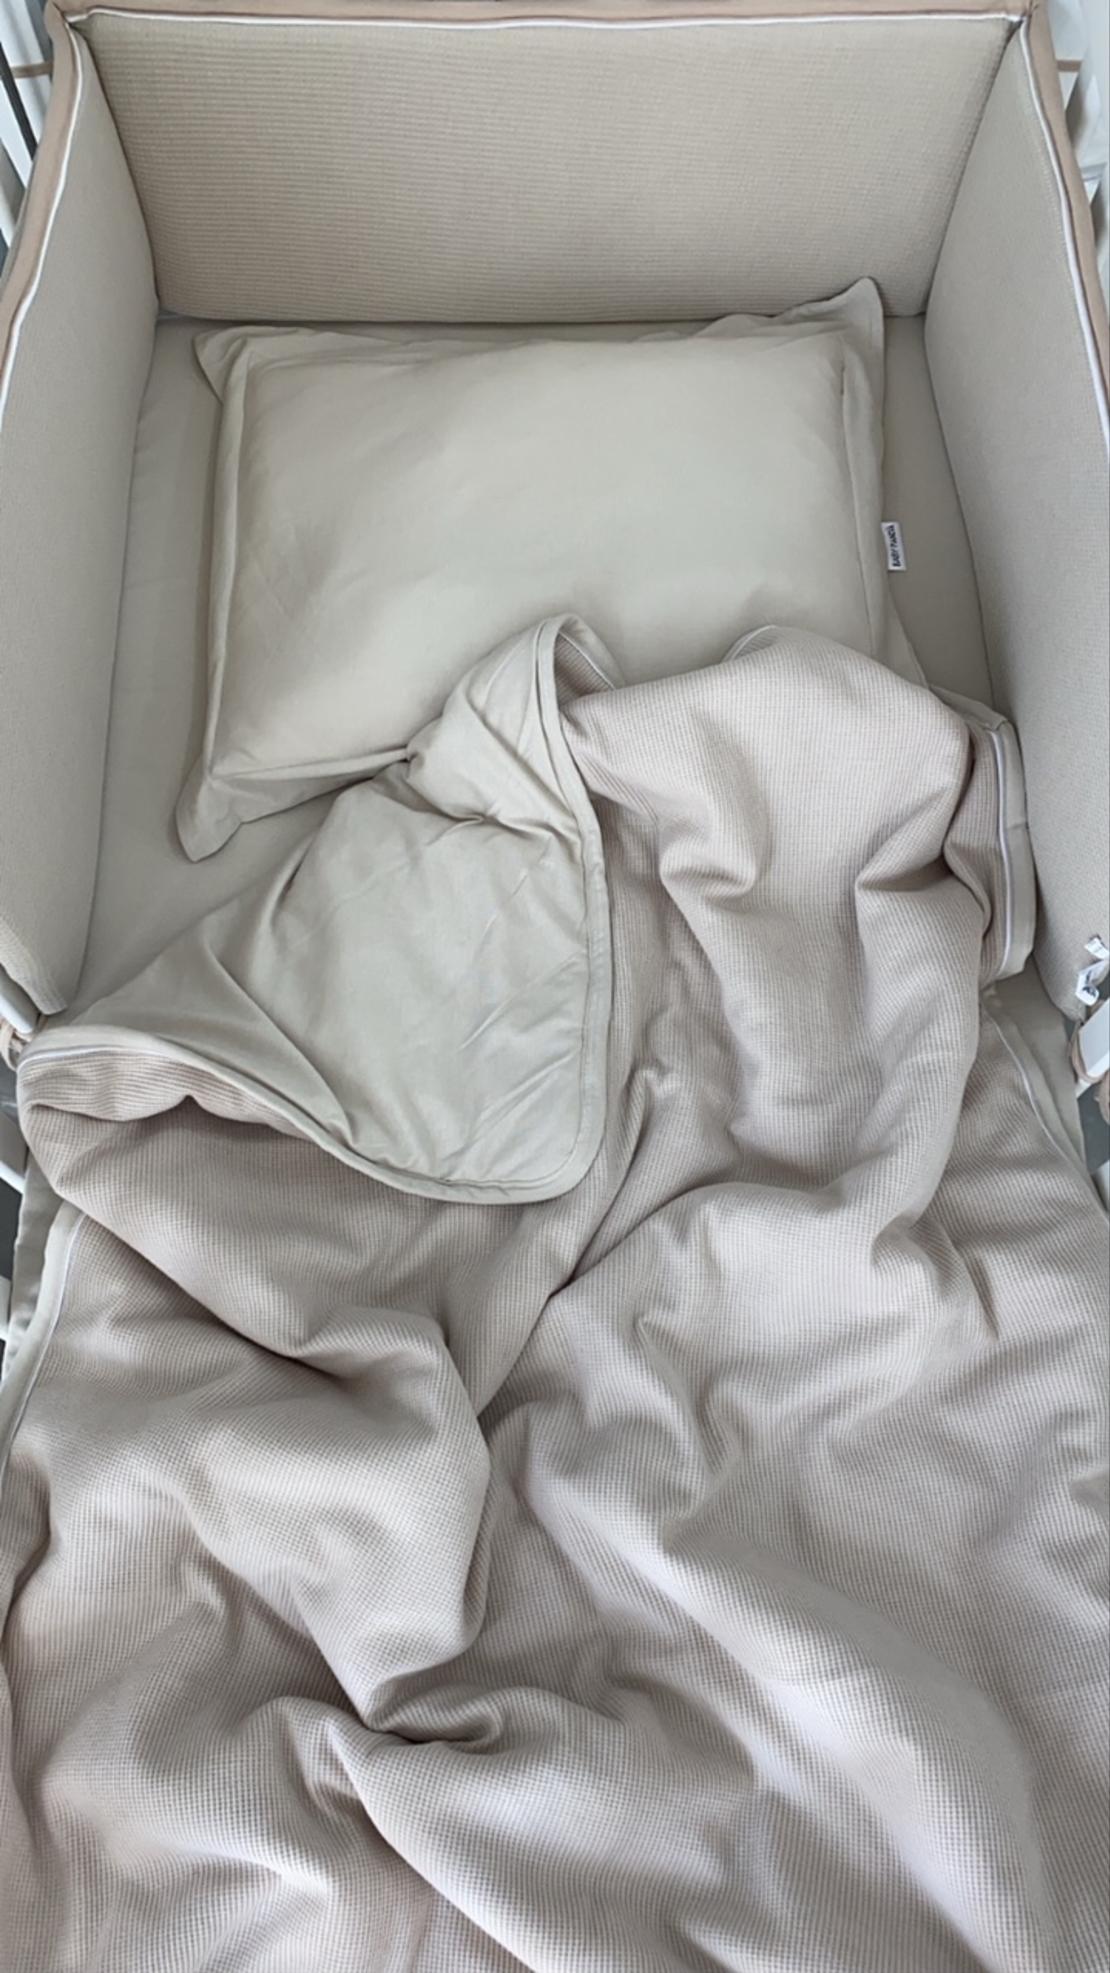 סט קיץ מלא למיטת תינוק   נס קפה וופל